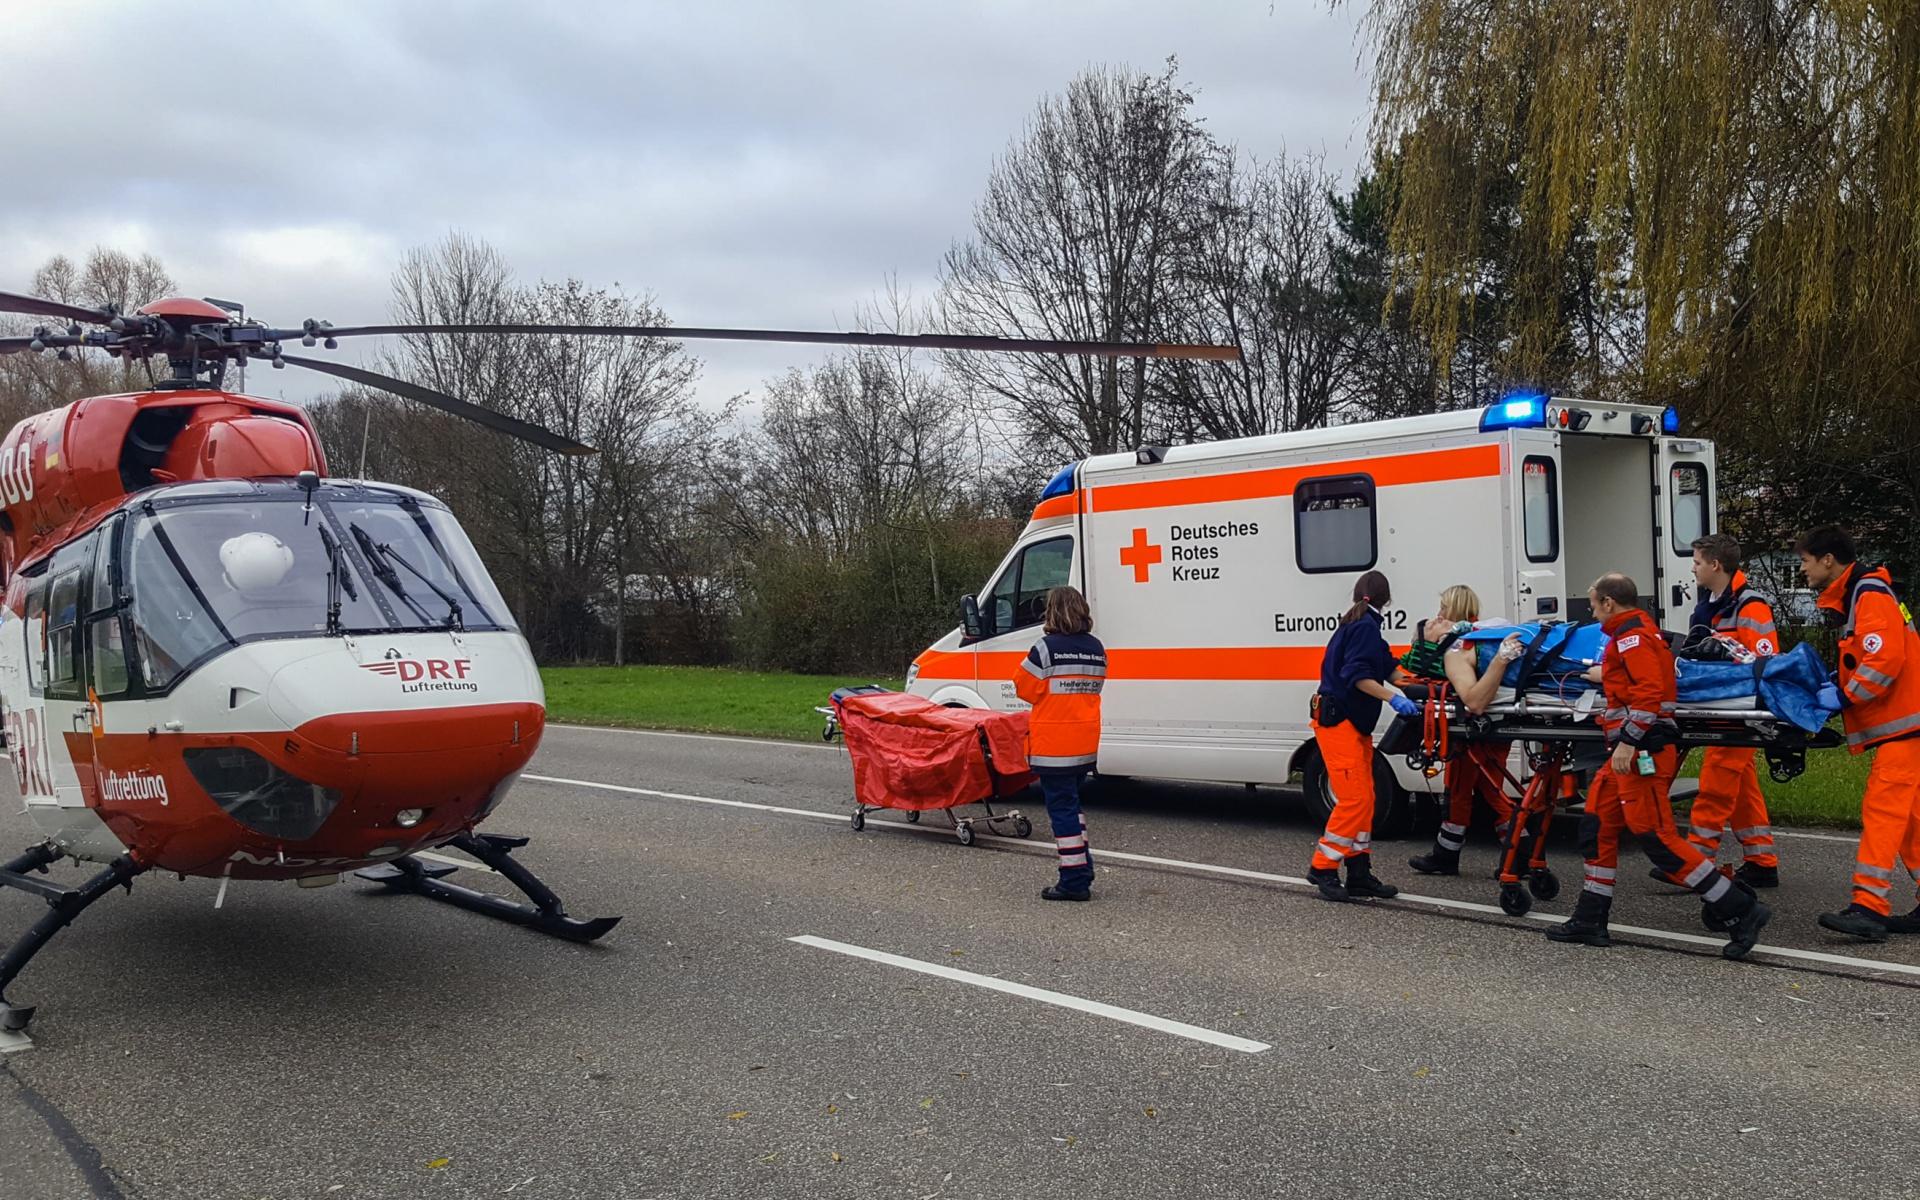 Mann bei Autounfall verletzt | DRF Luftrettung Mobile